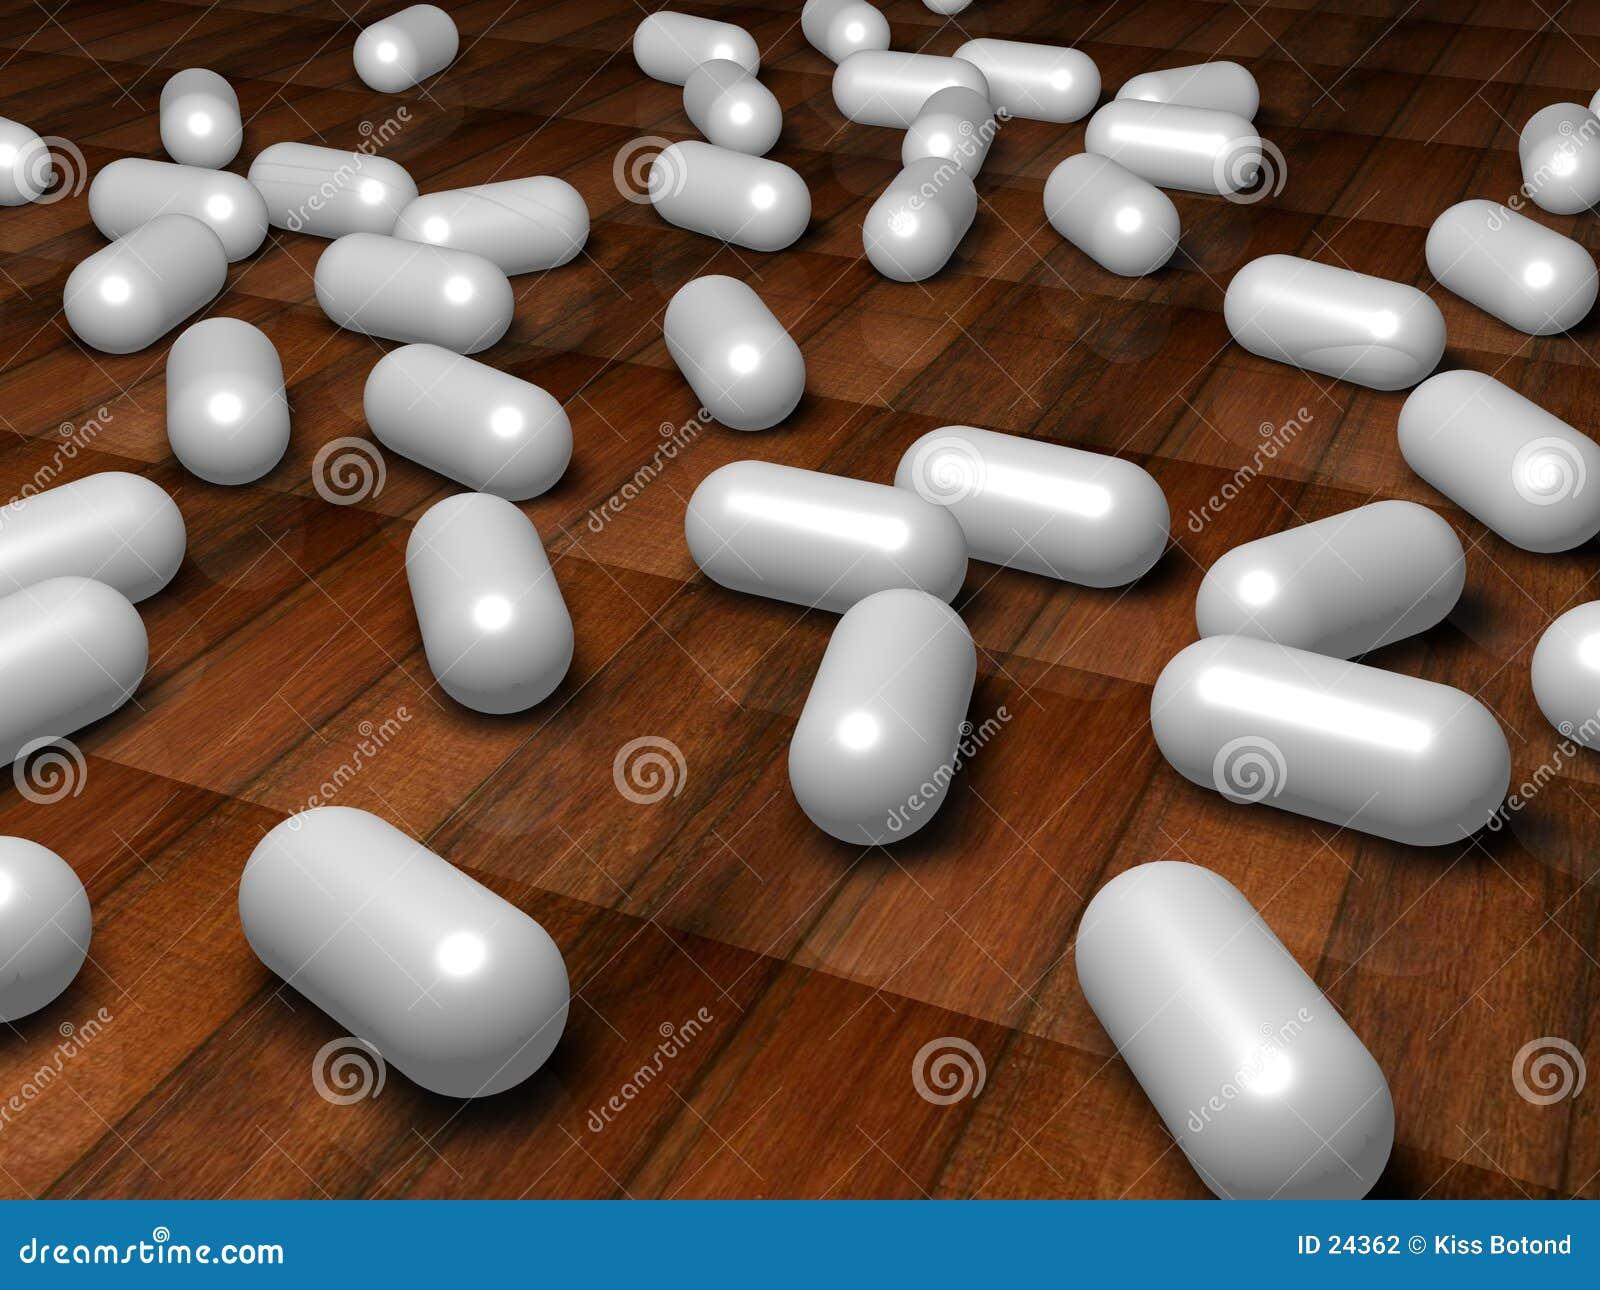 White pills on the floor